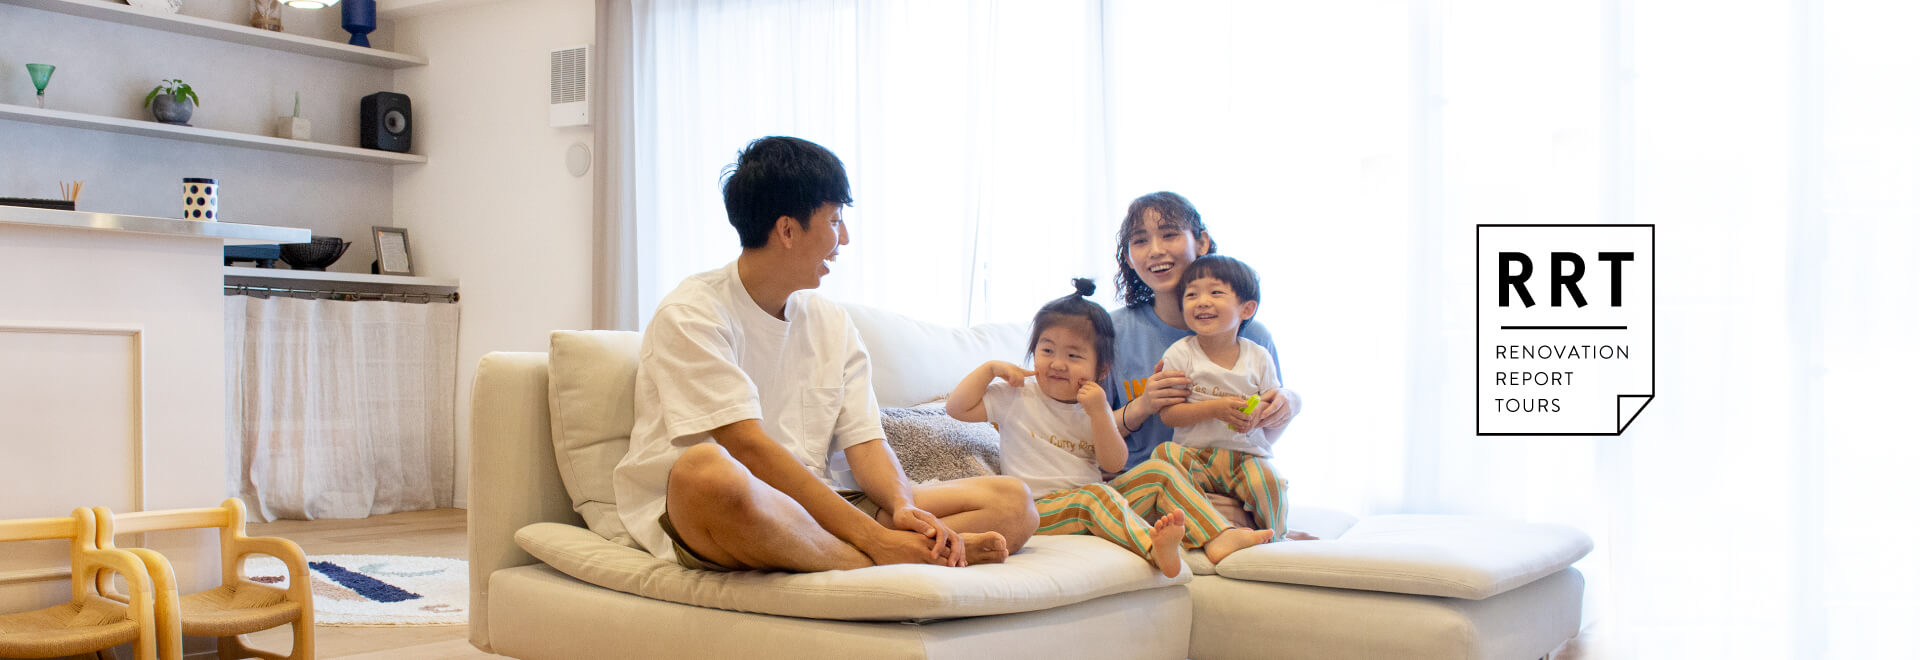 子どもの成長と家族の笑顔が見渡せる空間